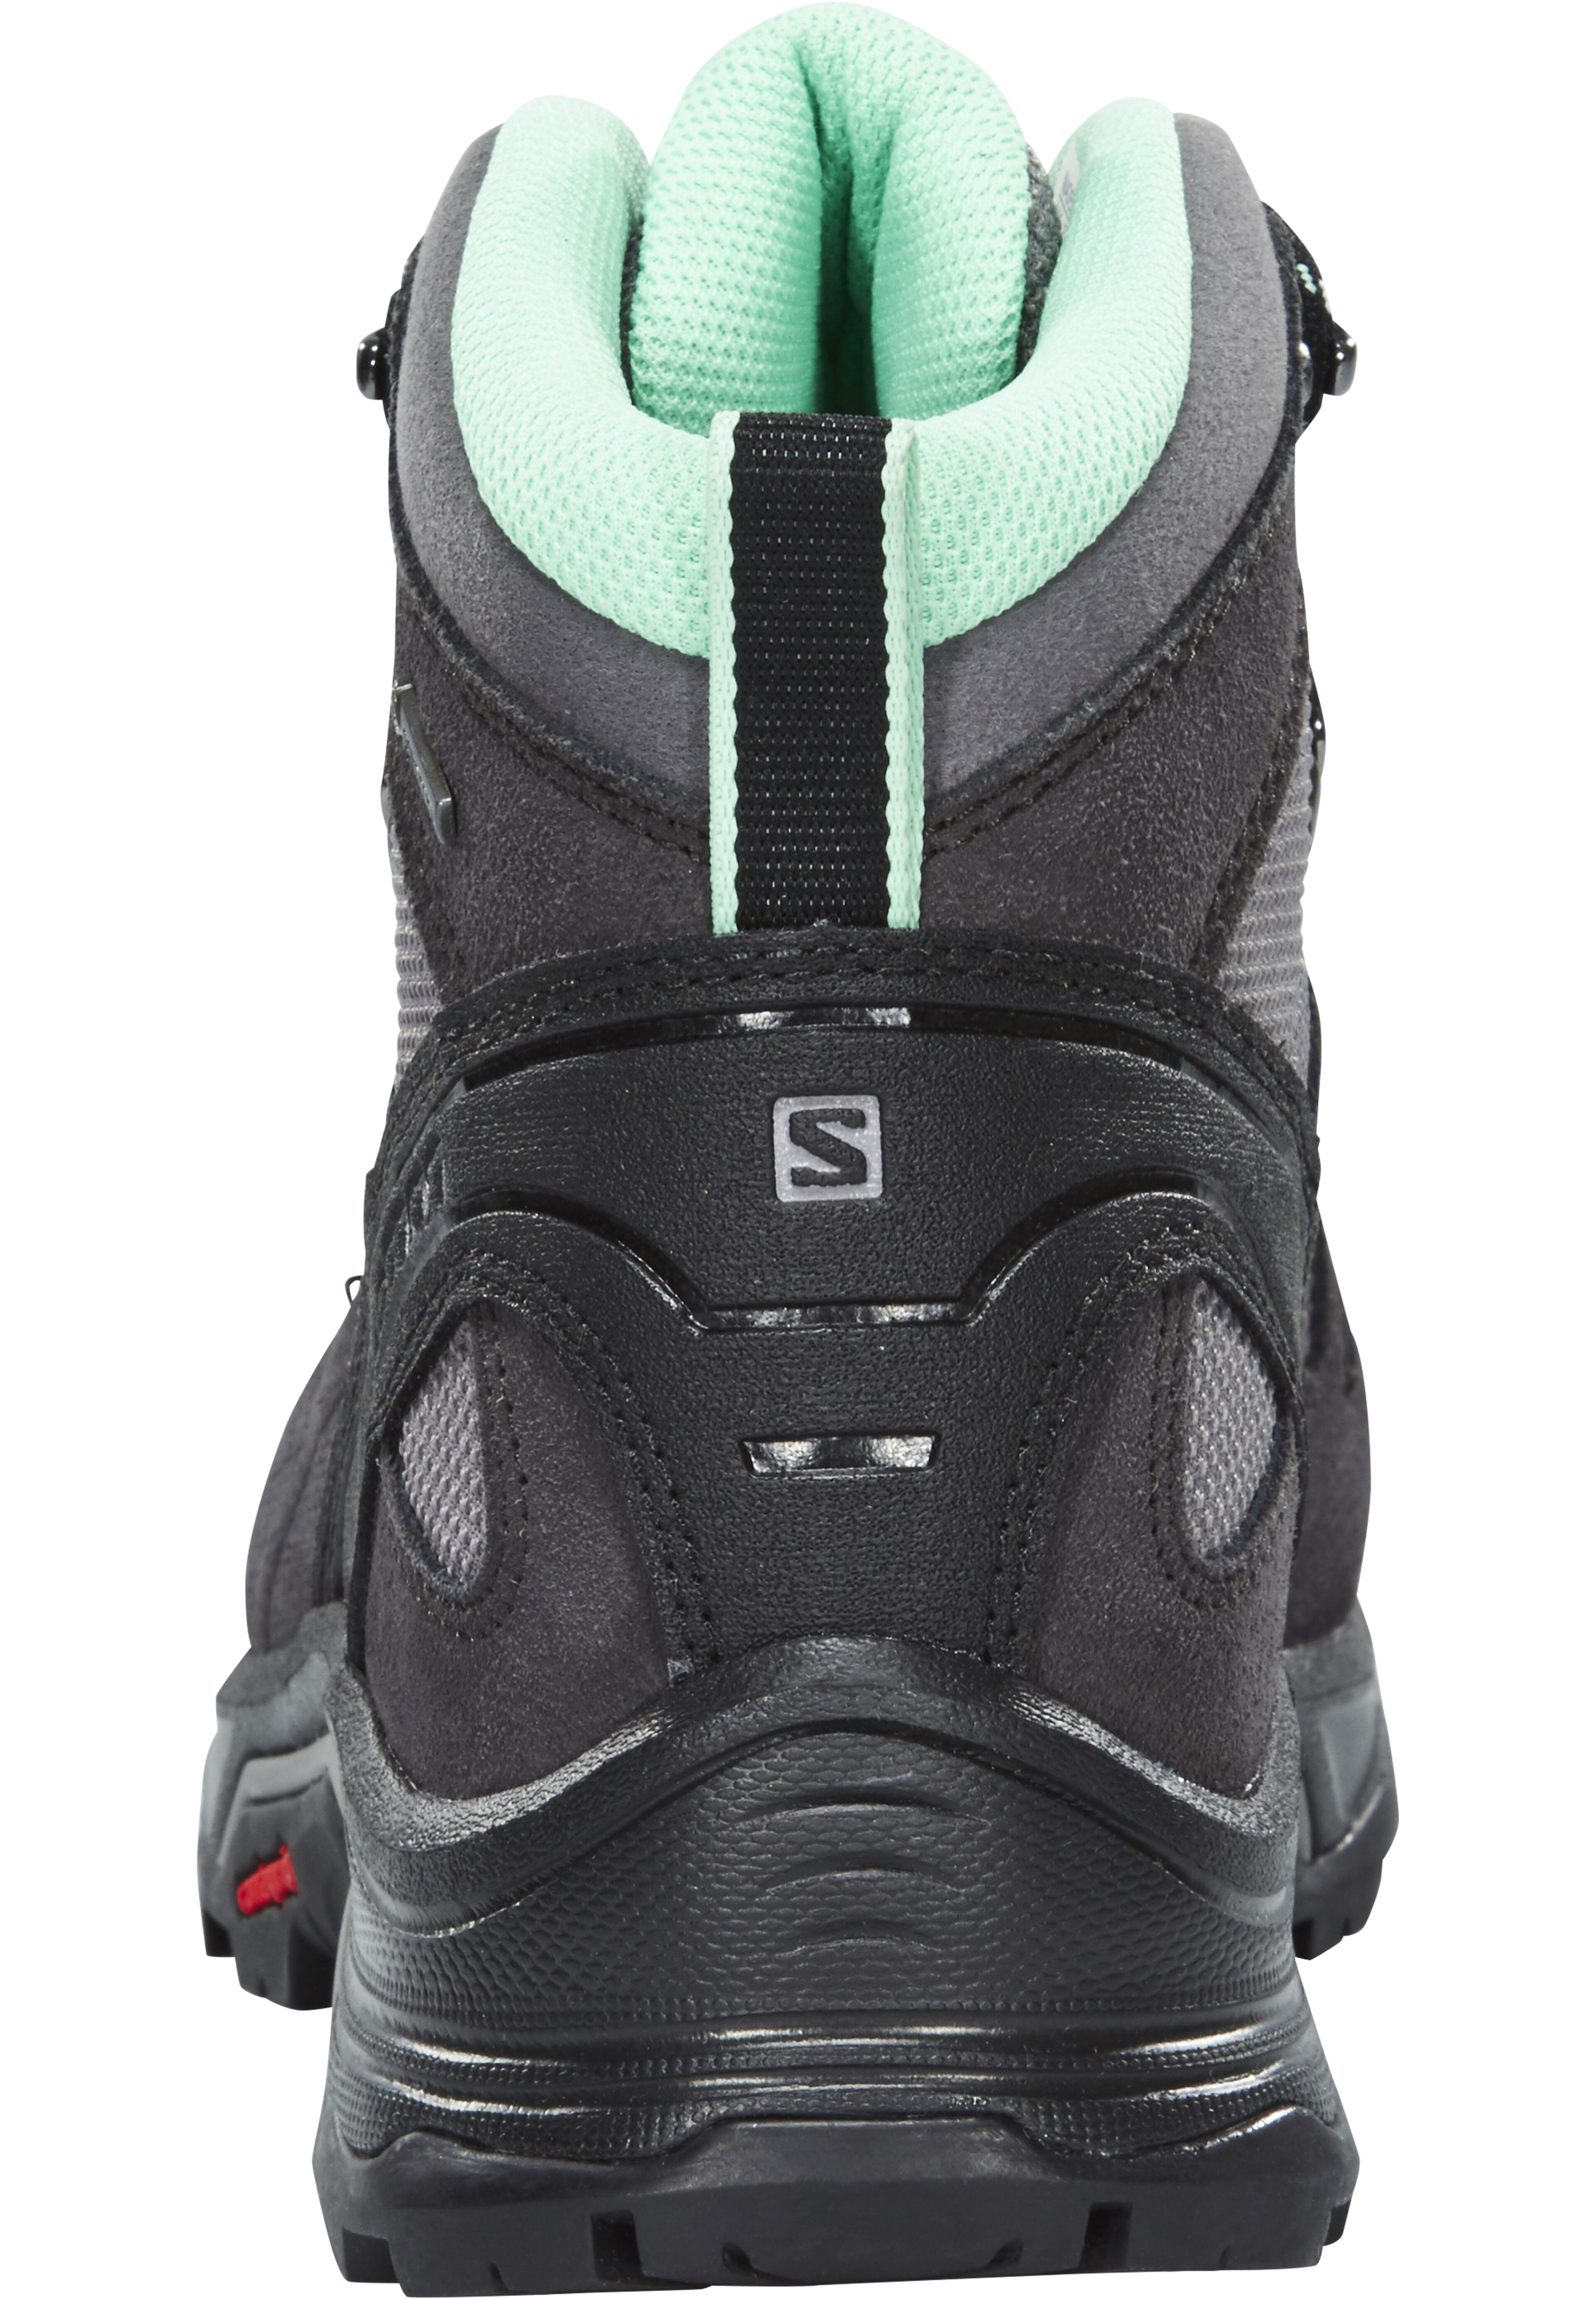 Salomon Quest Prime GTX Naiset kengät  d07eb7d5d3